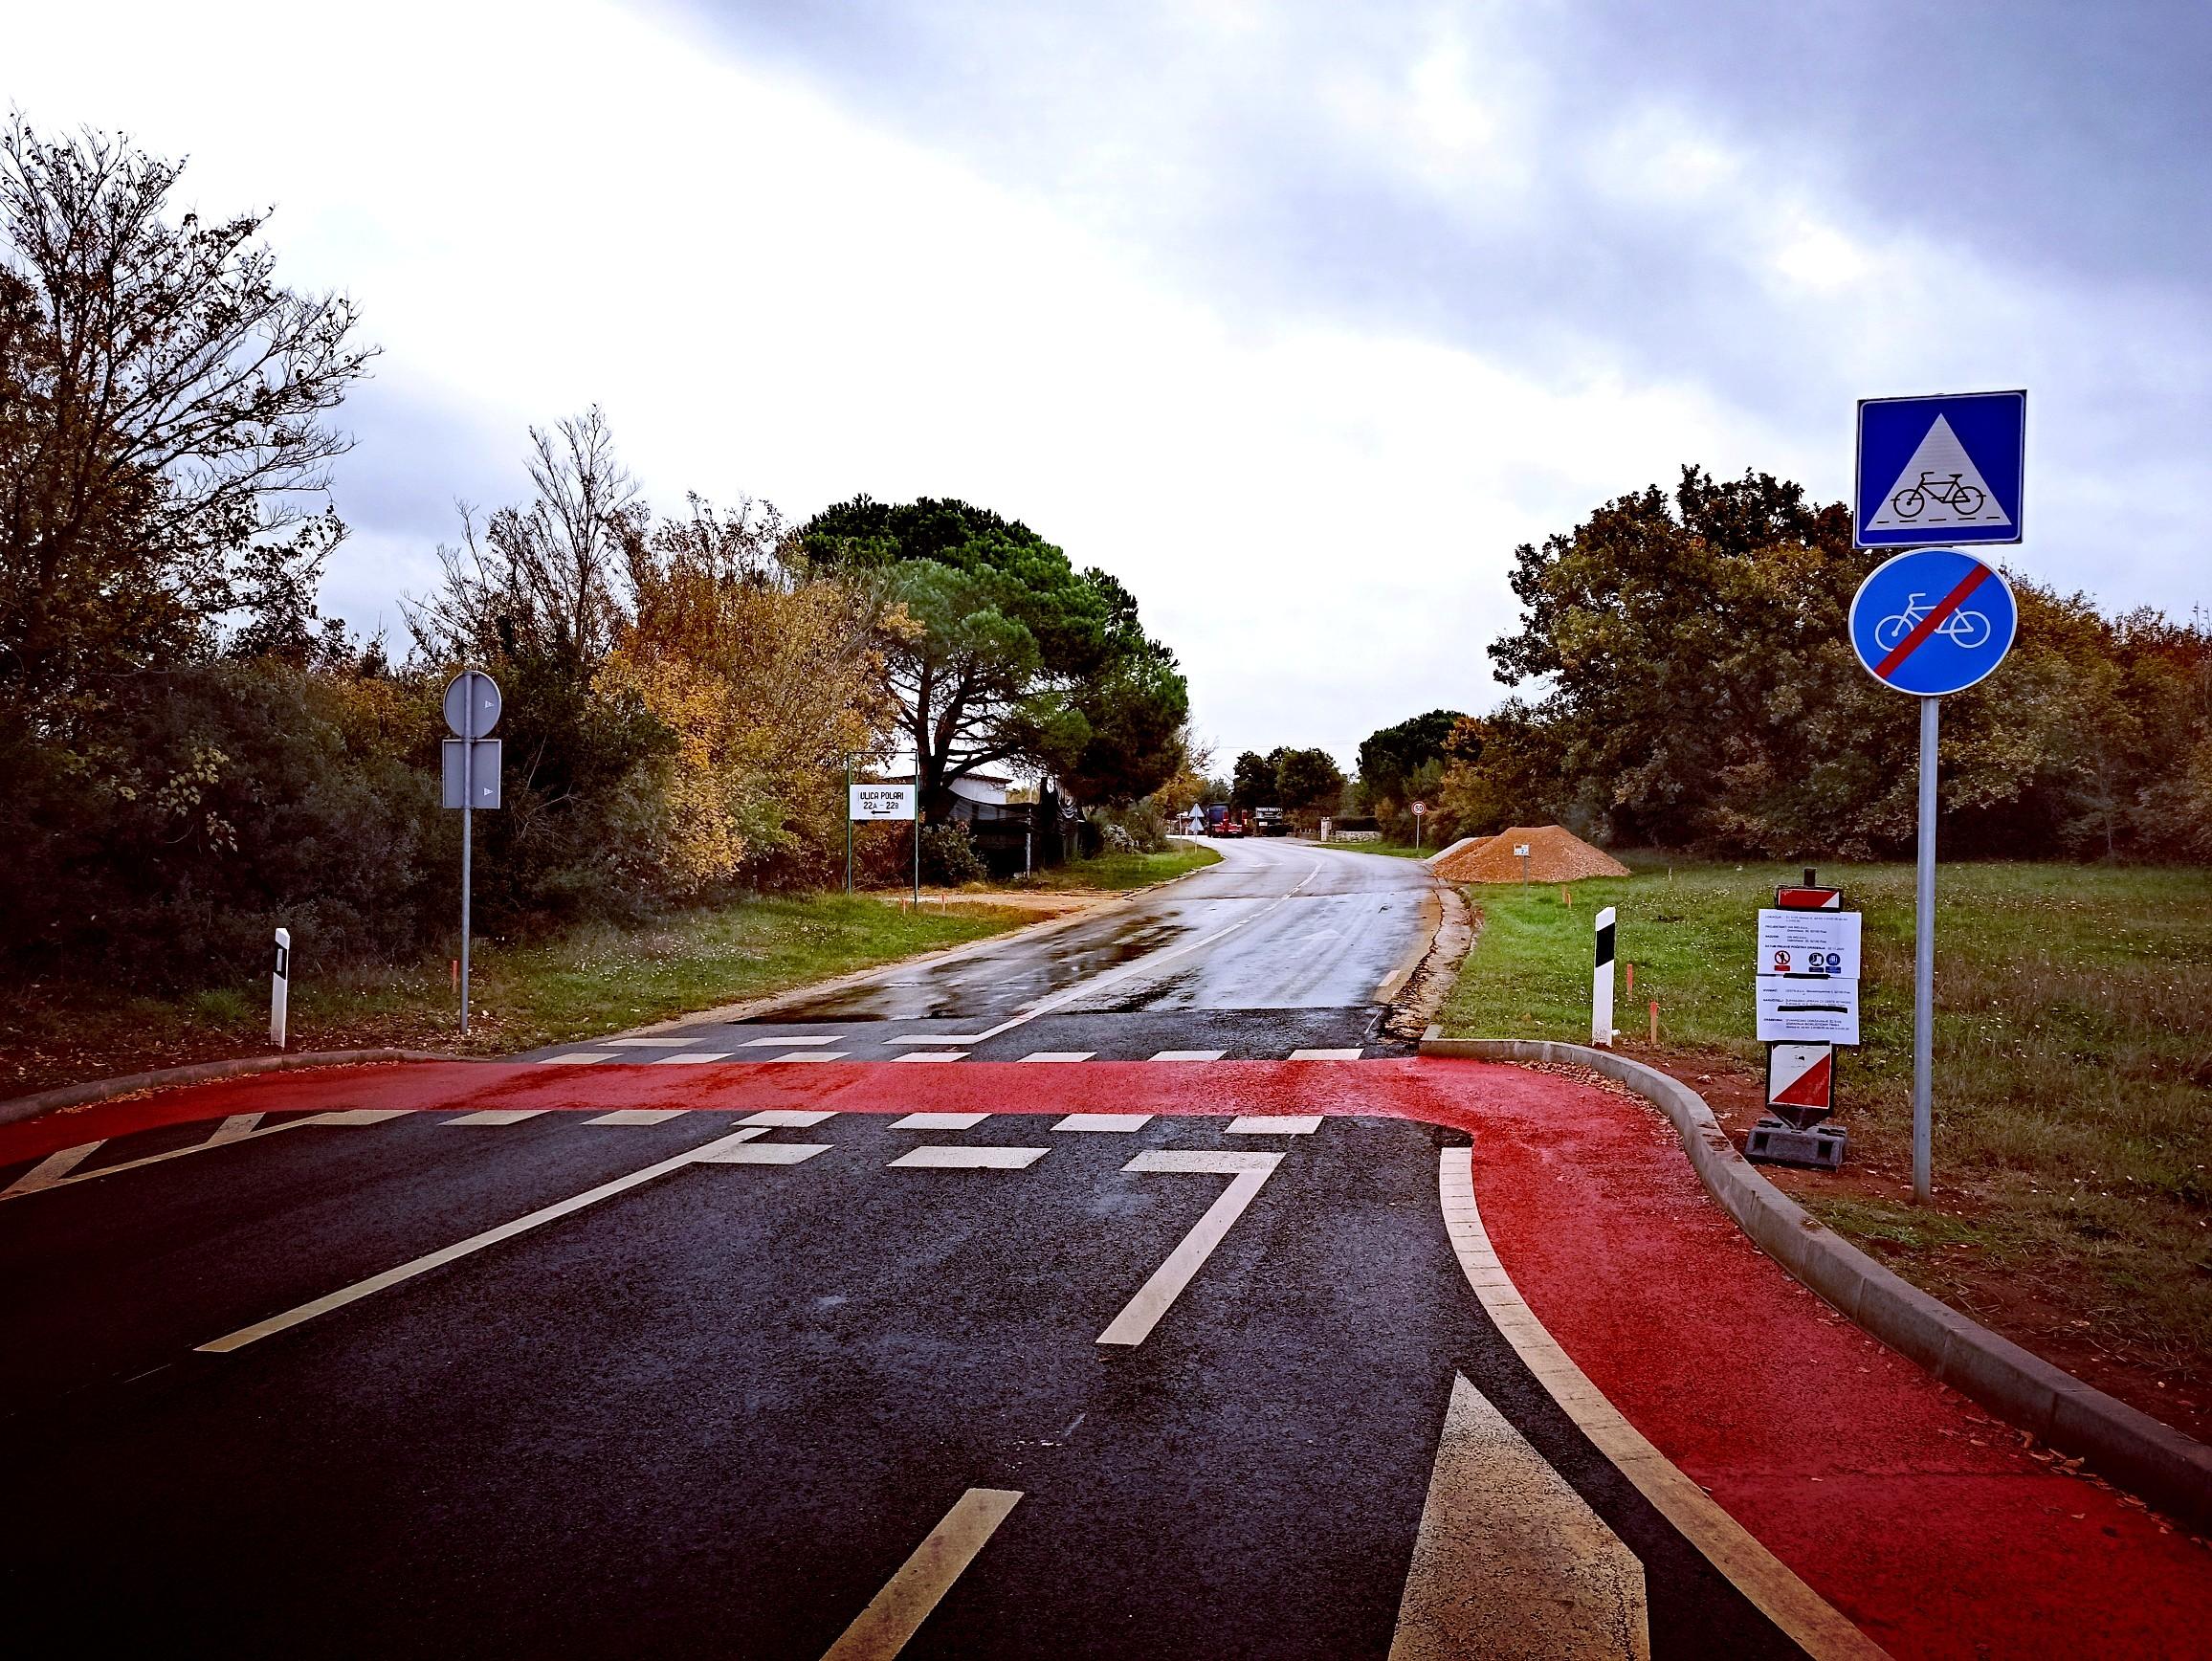 È in corso la costruzione della pista ciclabile sul tratto di strada Villas Rubin-Polari